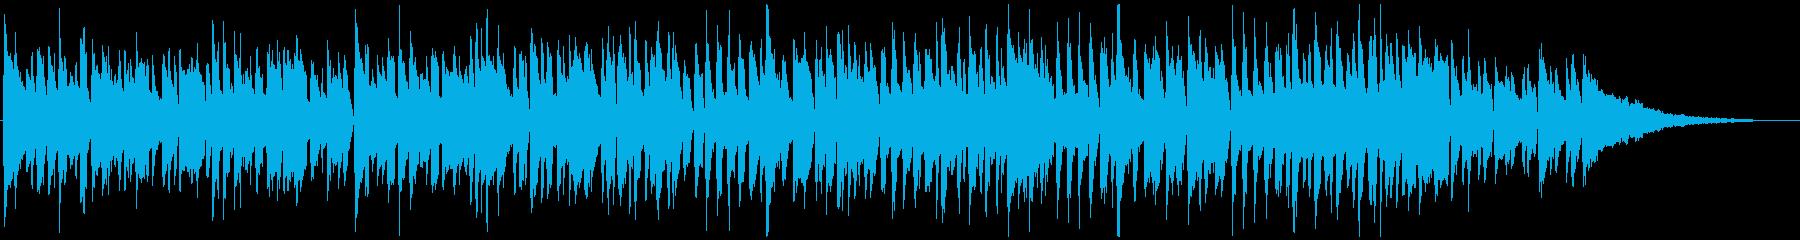 爽やかで軽快な日常用BGMの再生済みの波形